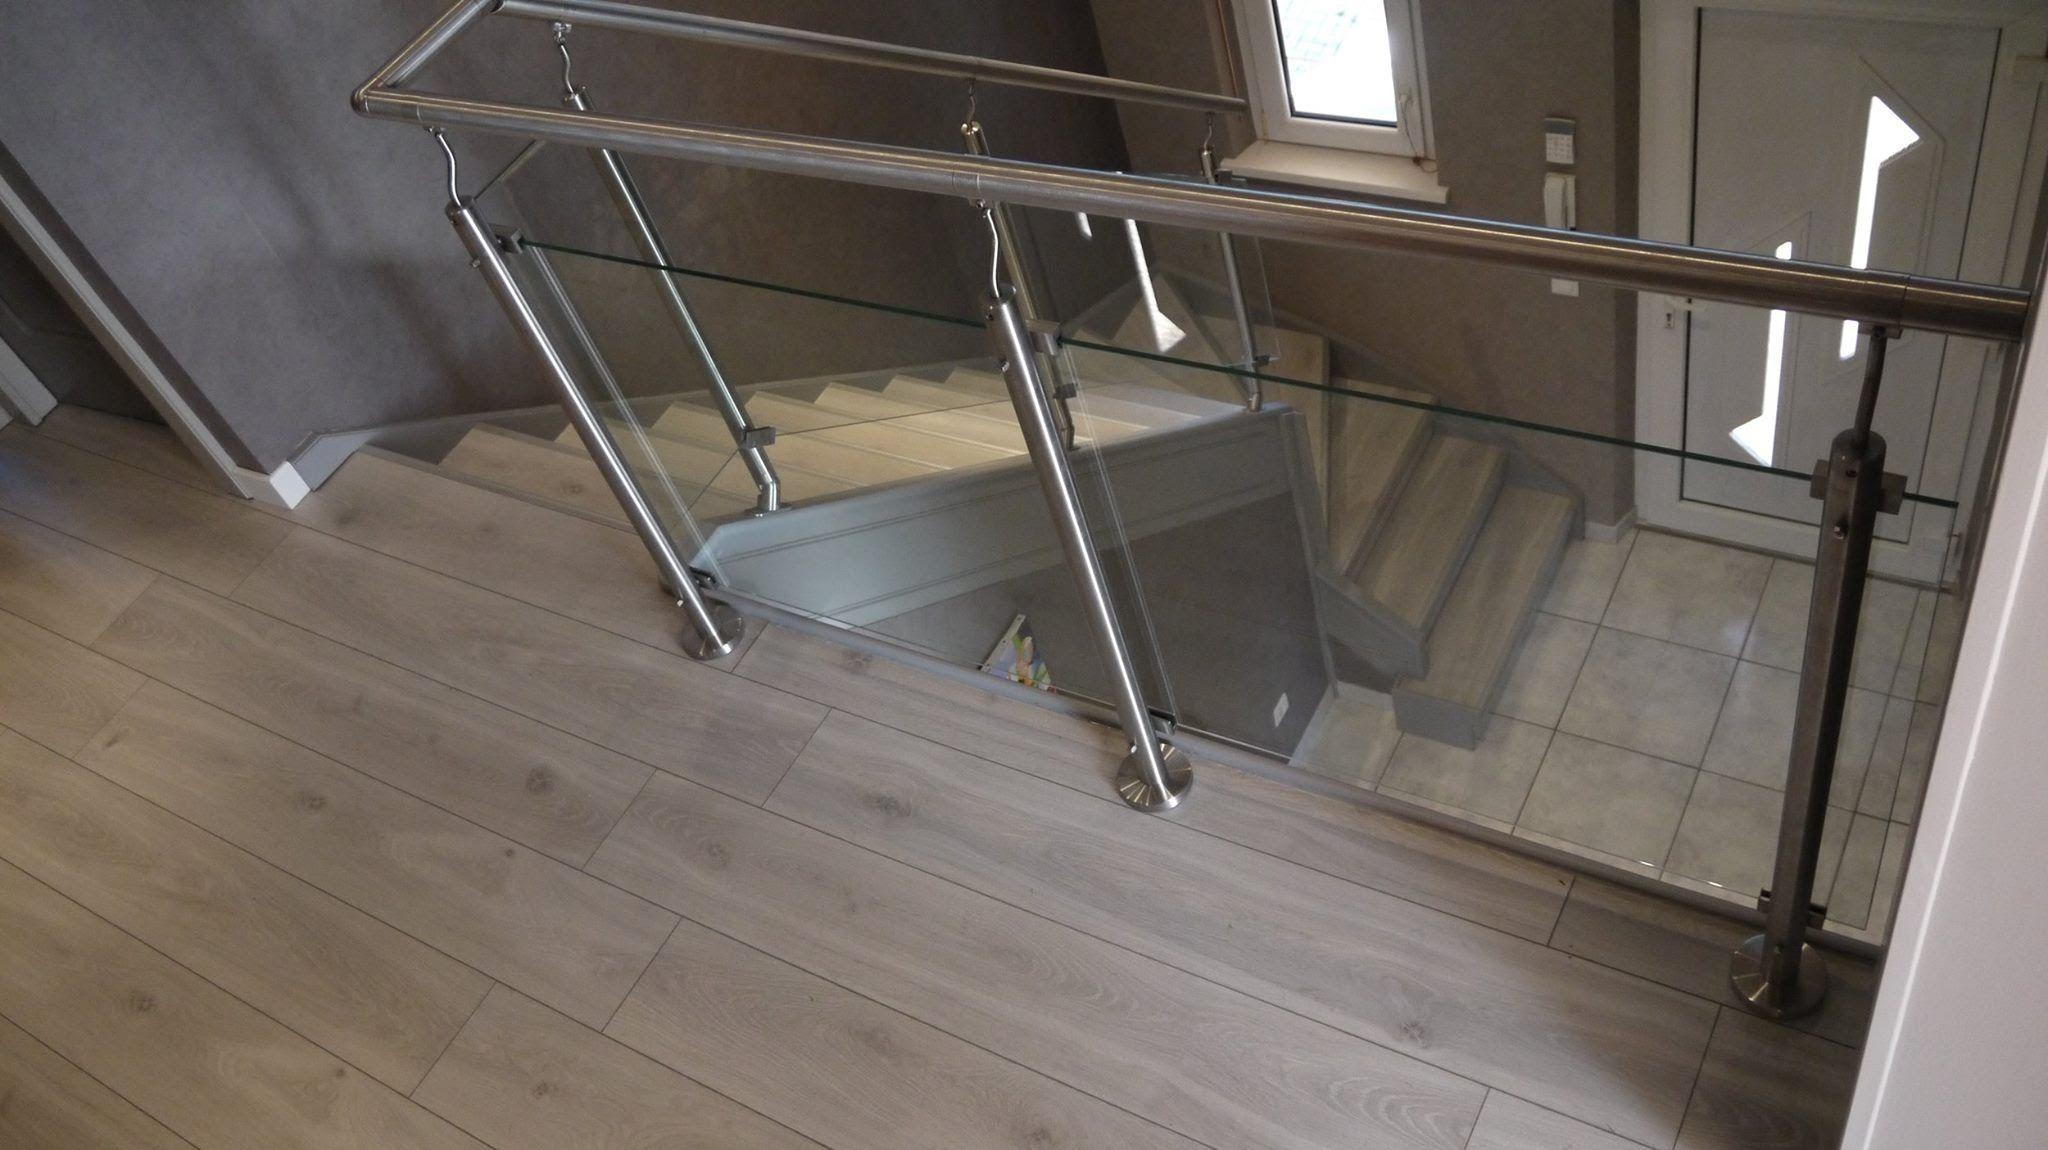 Relooker Un Escalier Avec Des Palettes Bois Escalier Carrelage Renover Escalier Deco Escalier